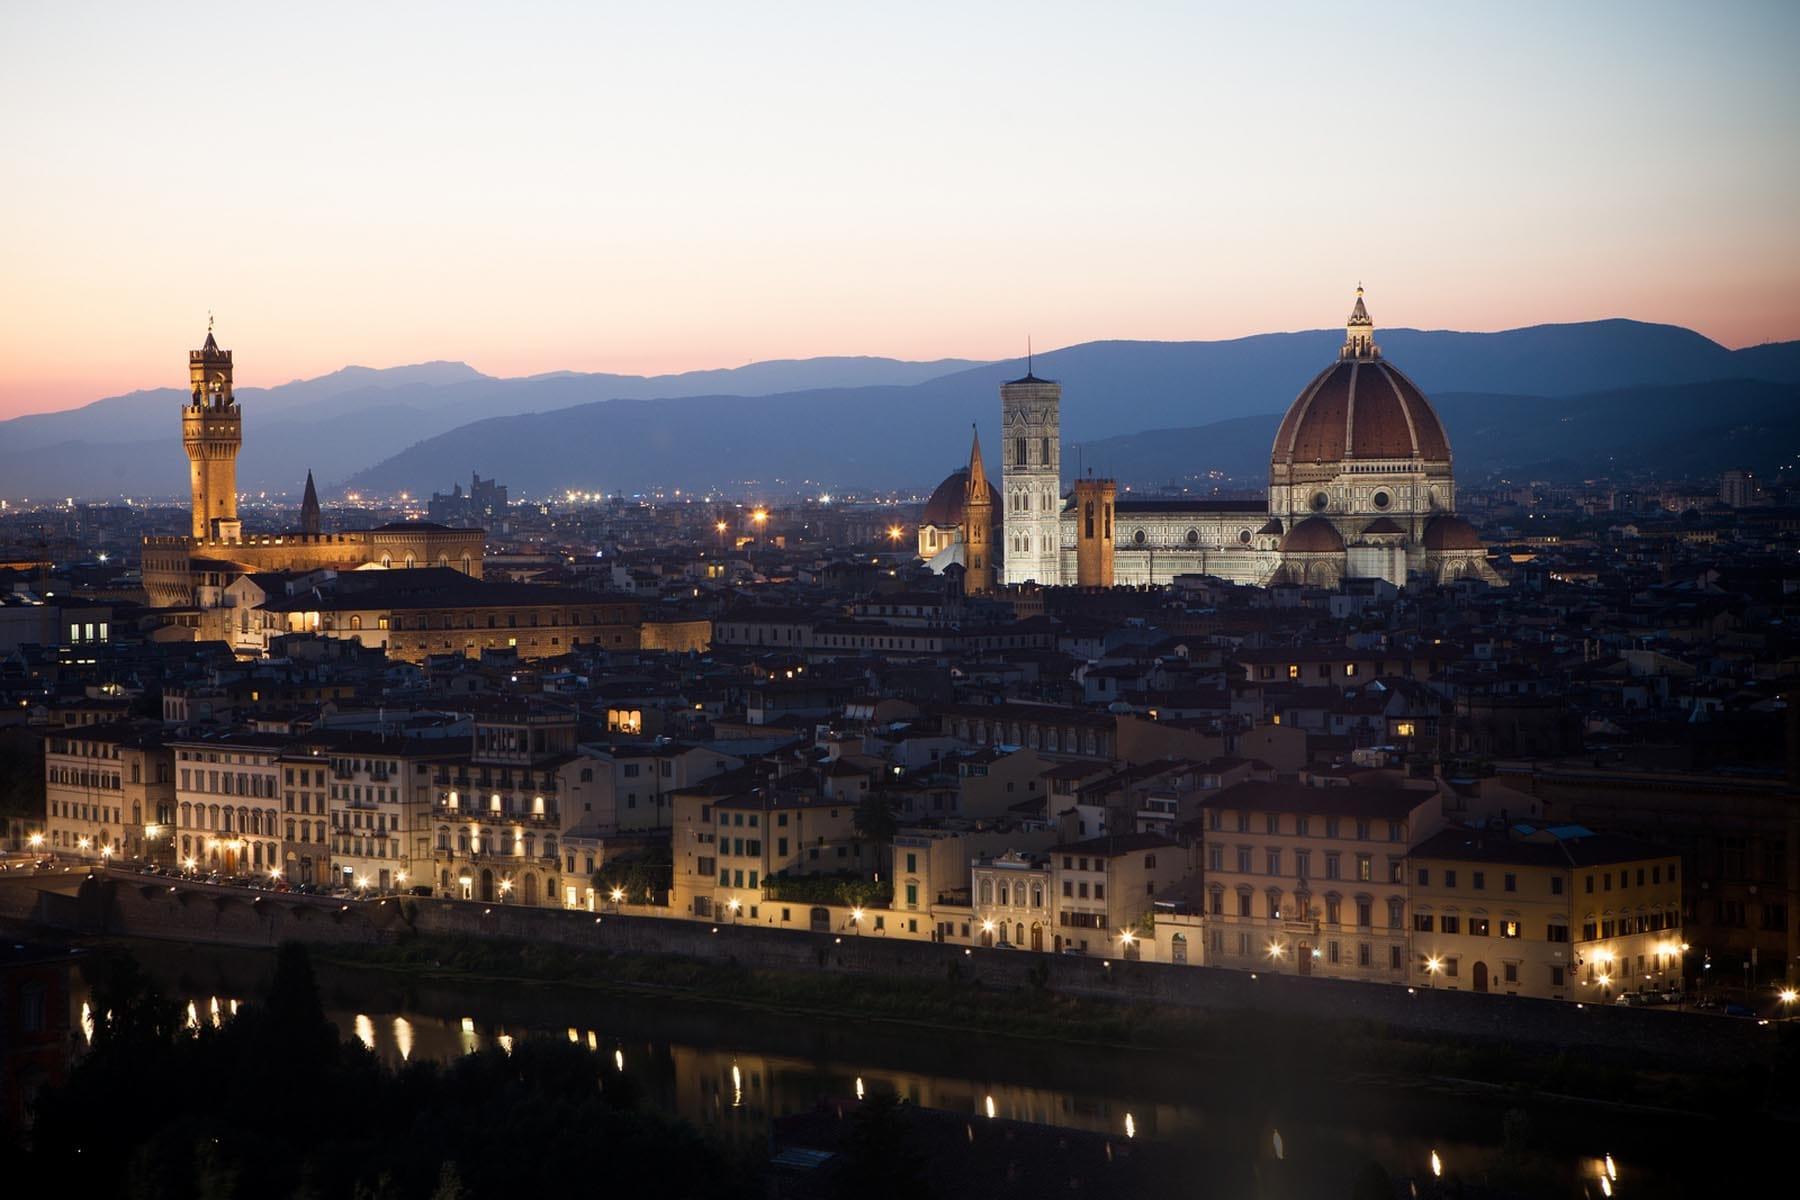 Territorio - Firenze, Toscana